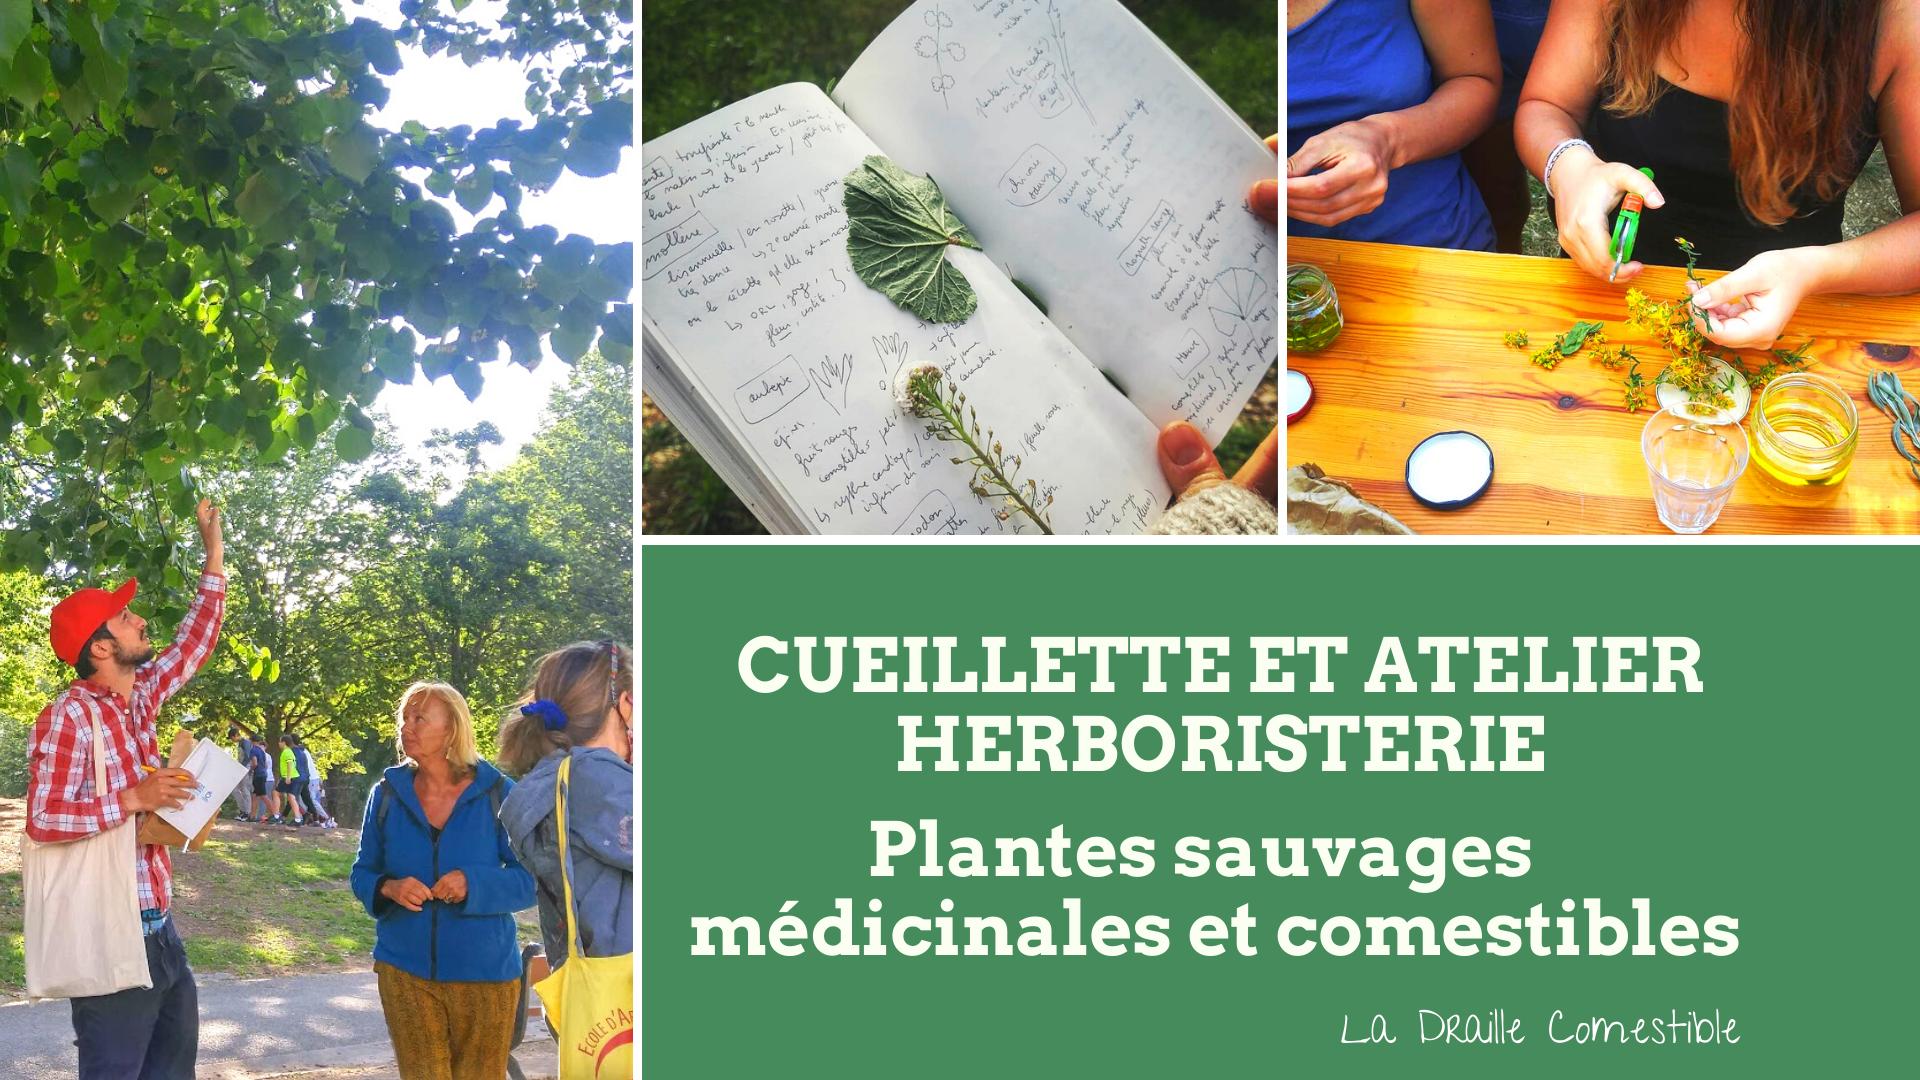 Balade plantes sauvages médicinales et comestibles et atelier herboristerie